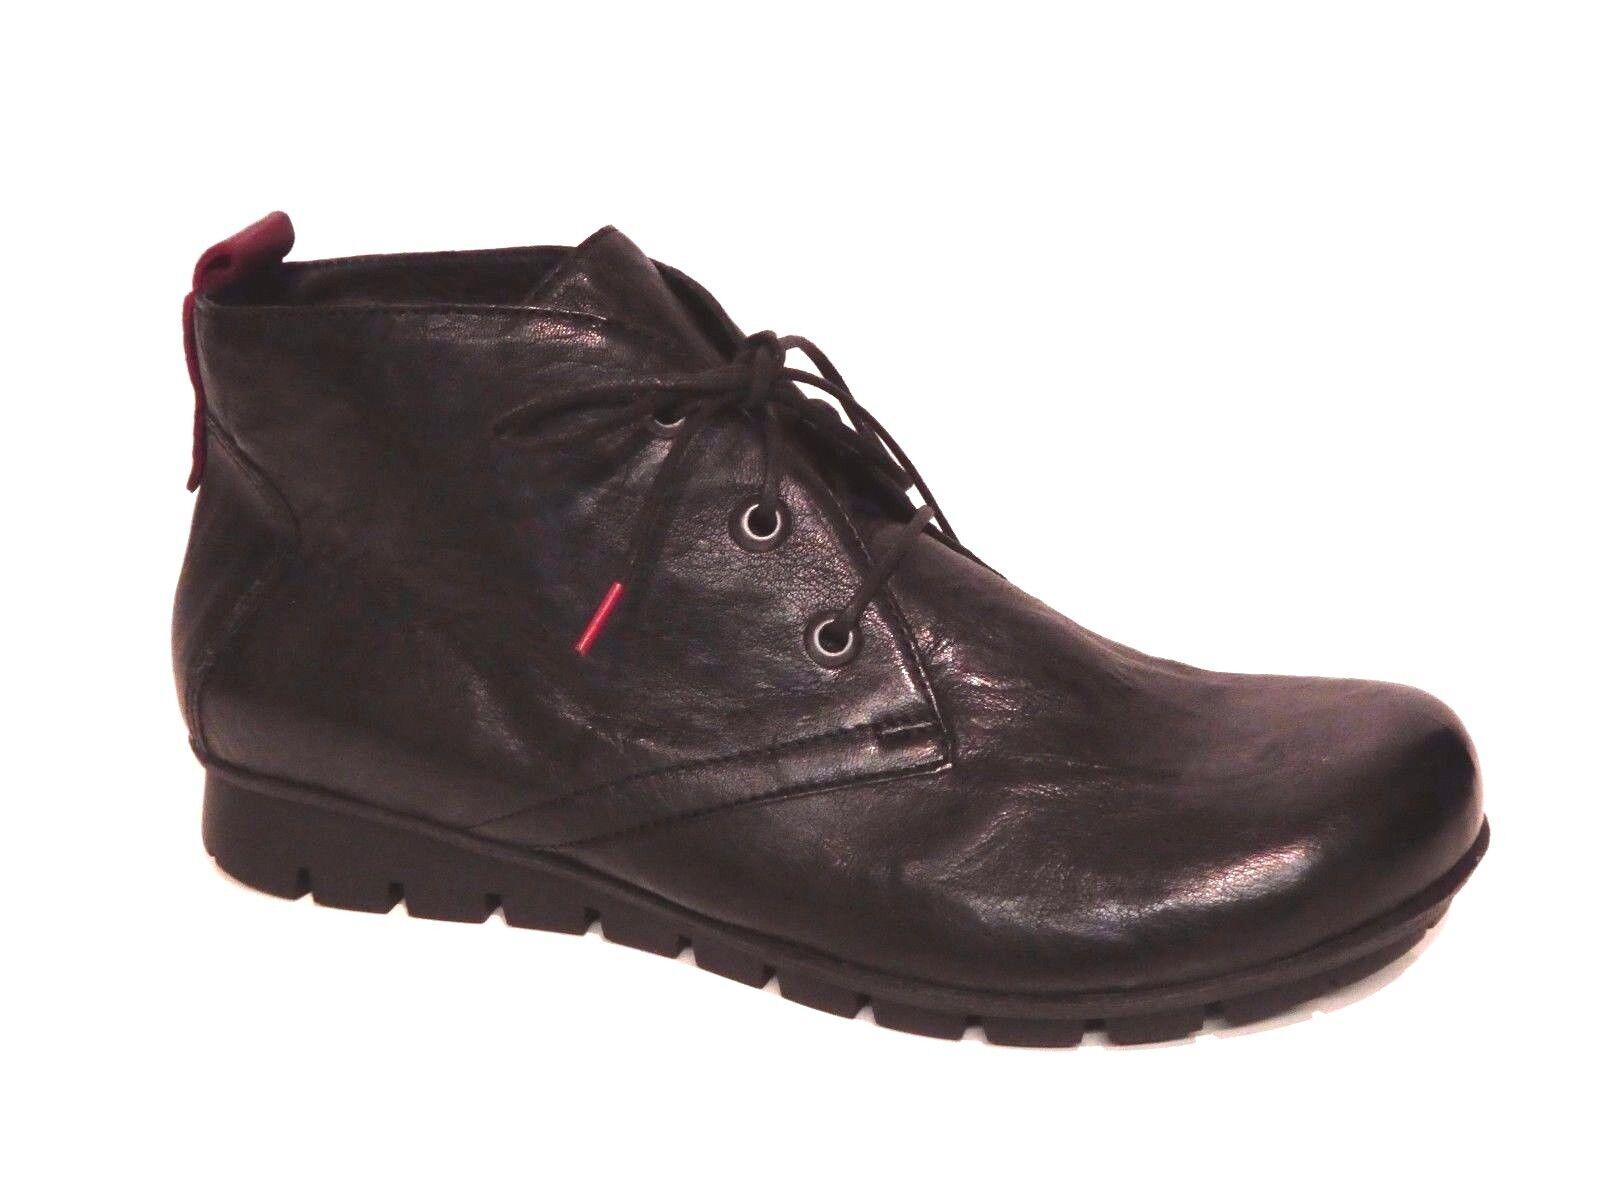 Think Damen Schuhe Boots Stiefel Menscha schwarz Lederfutter Einlagen Leder